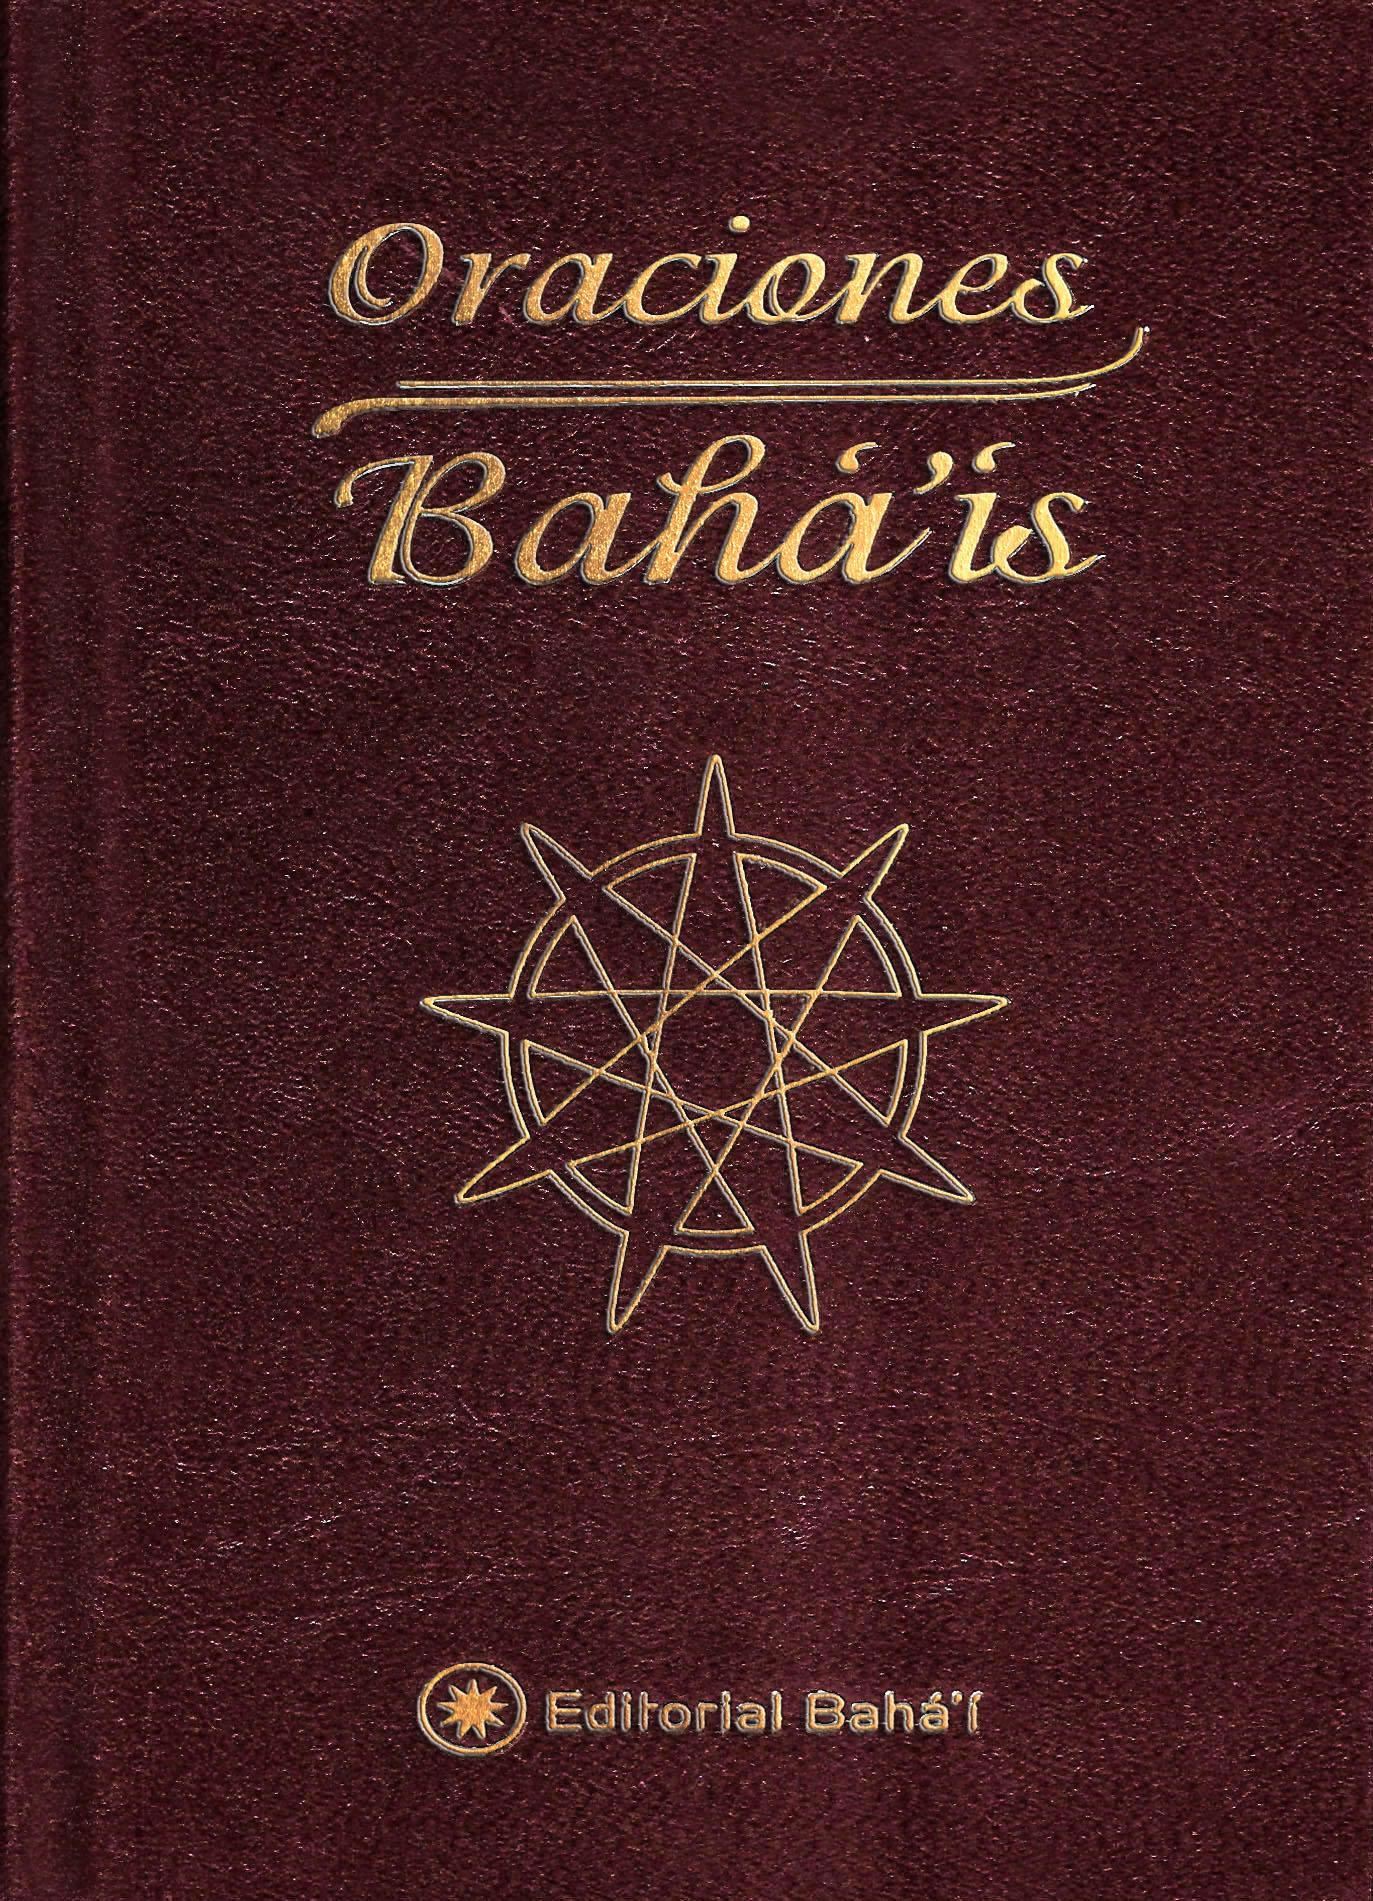 oraciones bahais td (398)